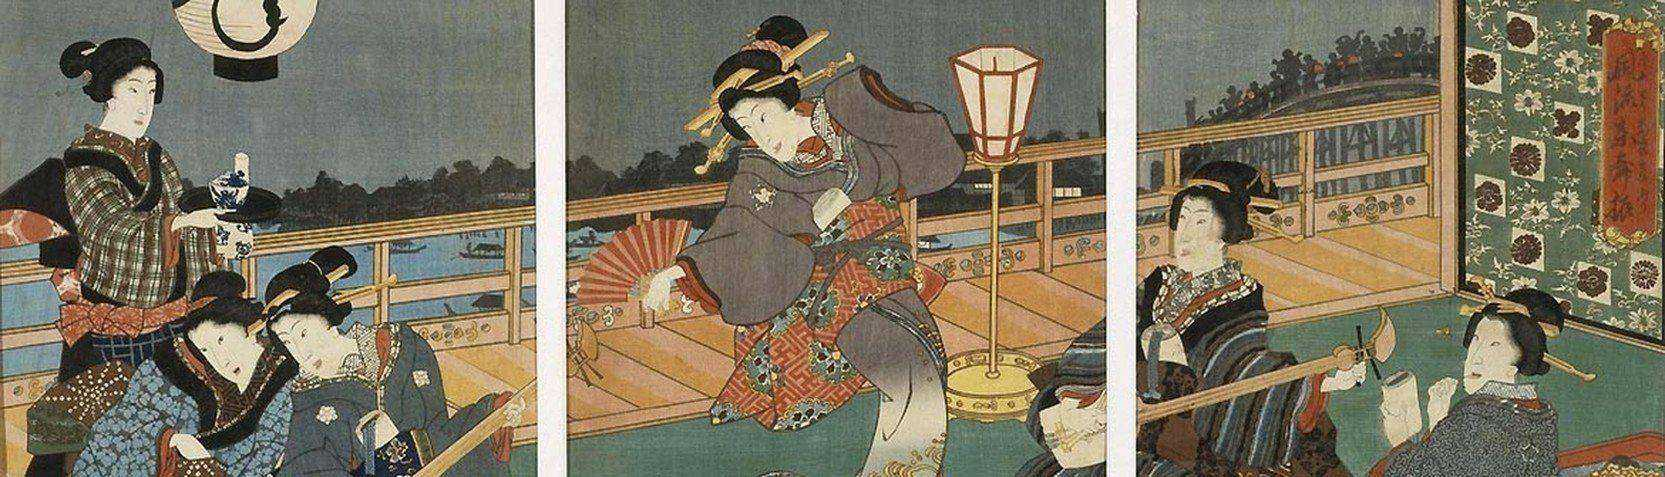 Künstler - Utagawa Kunisada